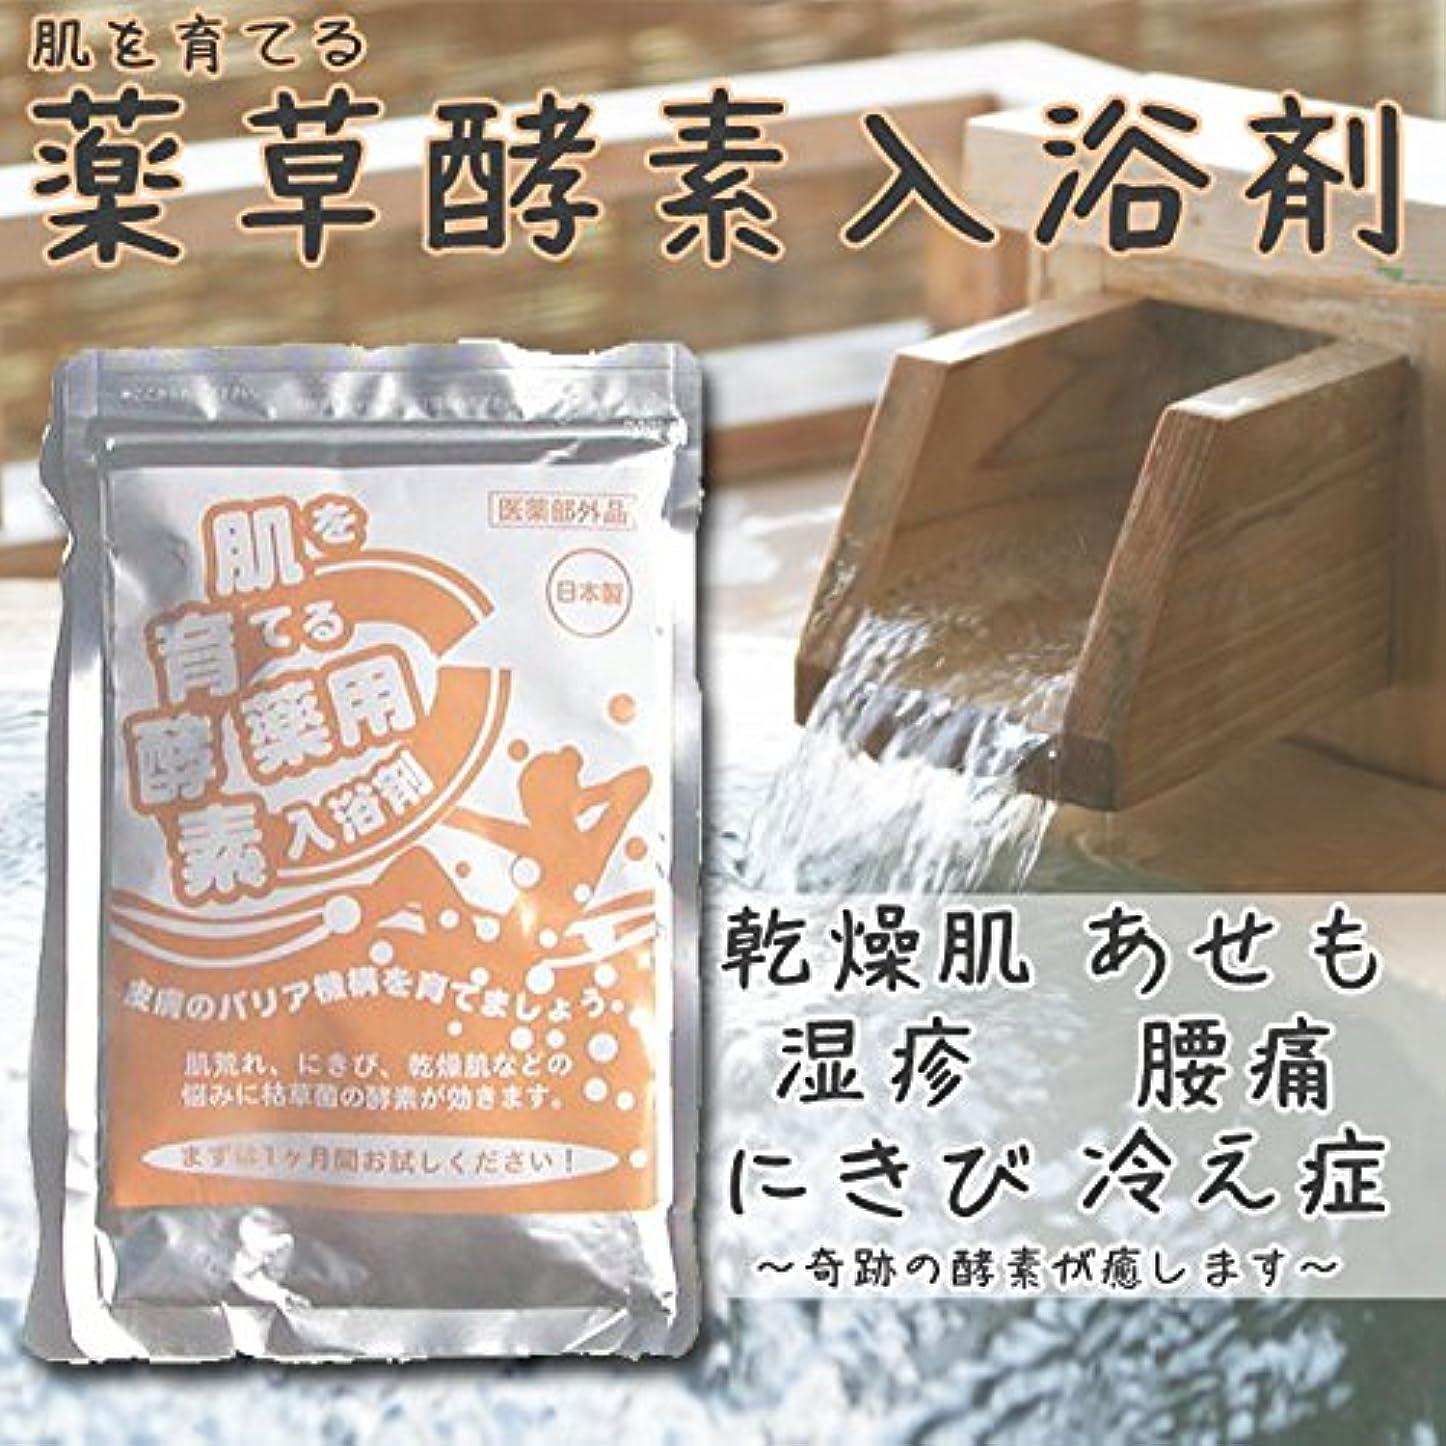 アームストロングアウトドア境界ハーティハート 薬用酵素入浴剤 洗顔料 粉末 300g